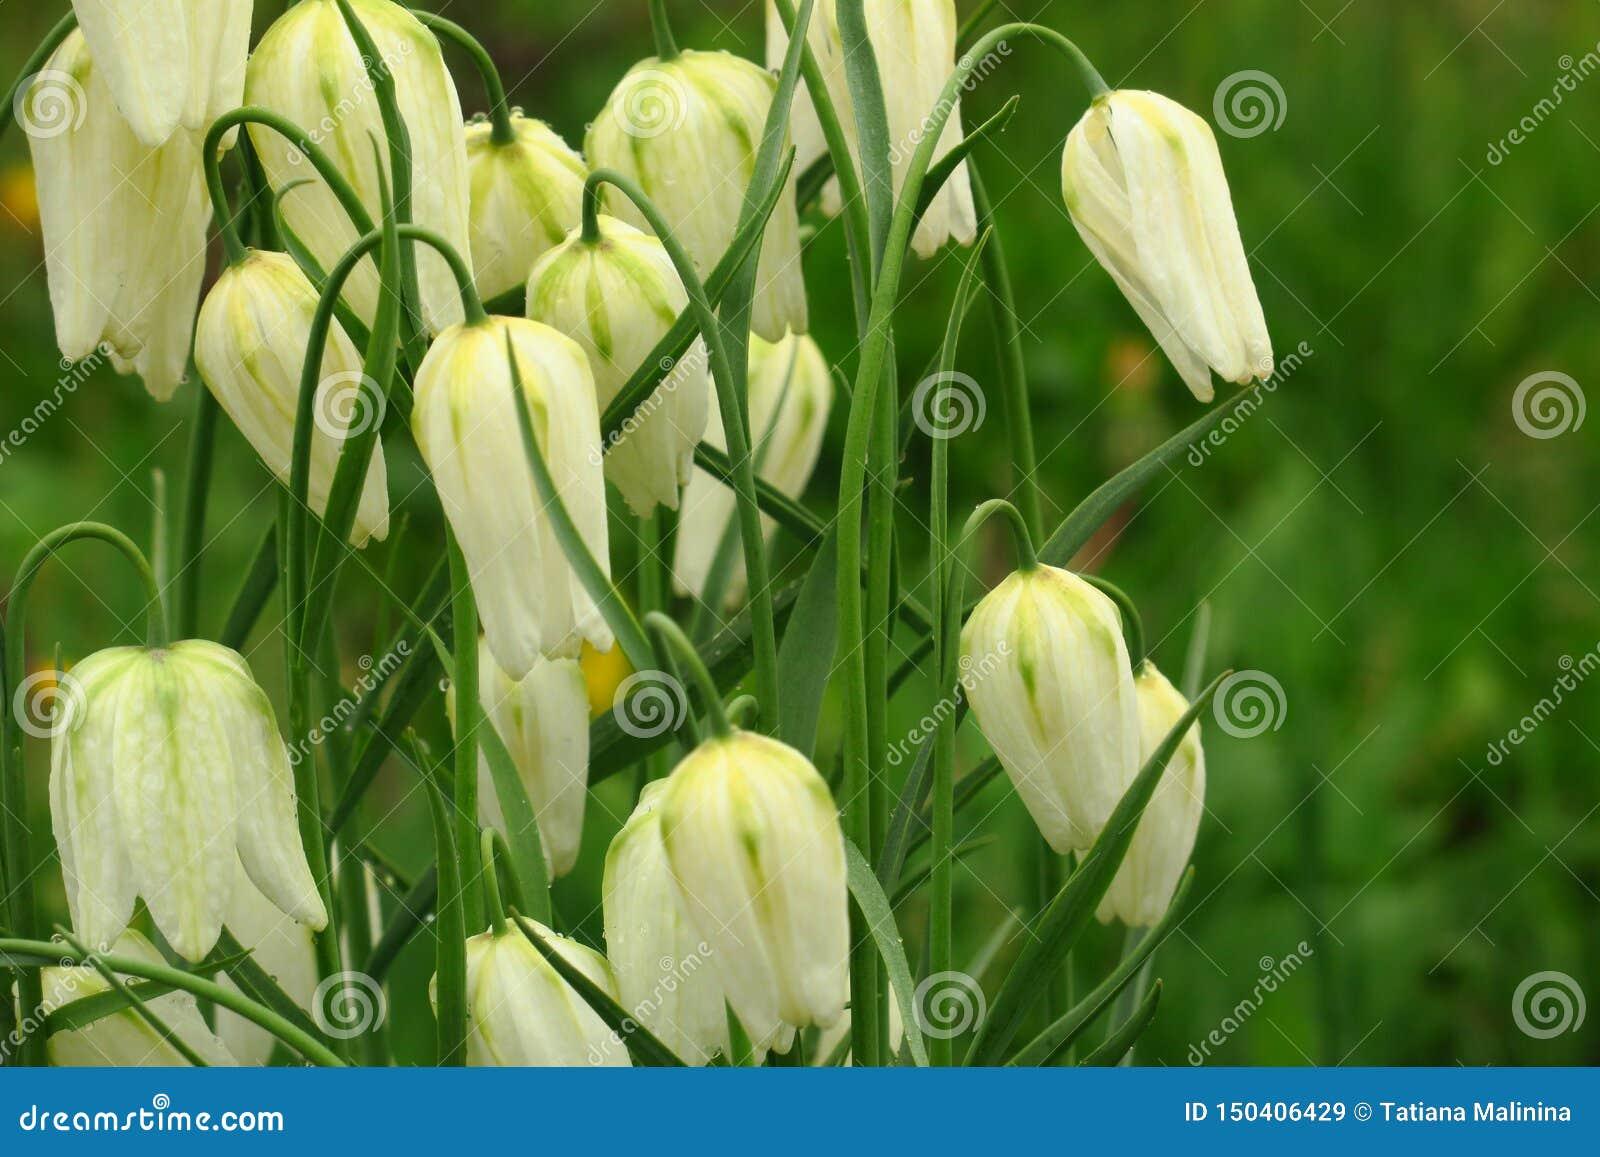 Vita klockor blommade i parkerar mot bakgrunden av grönt gräs